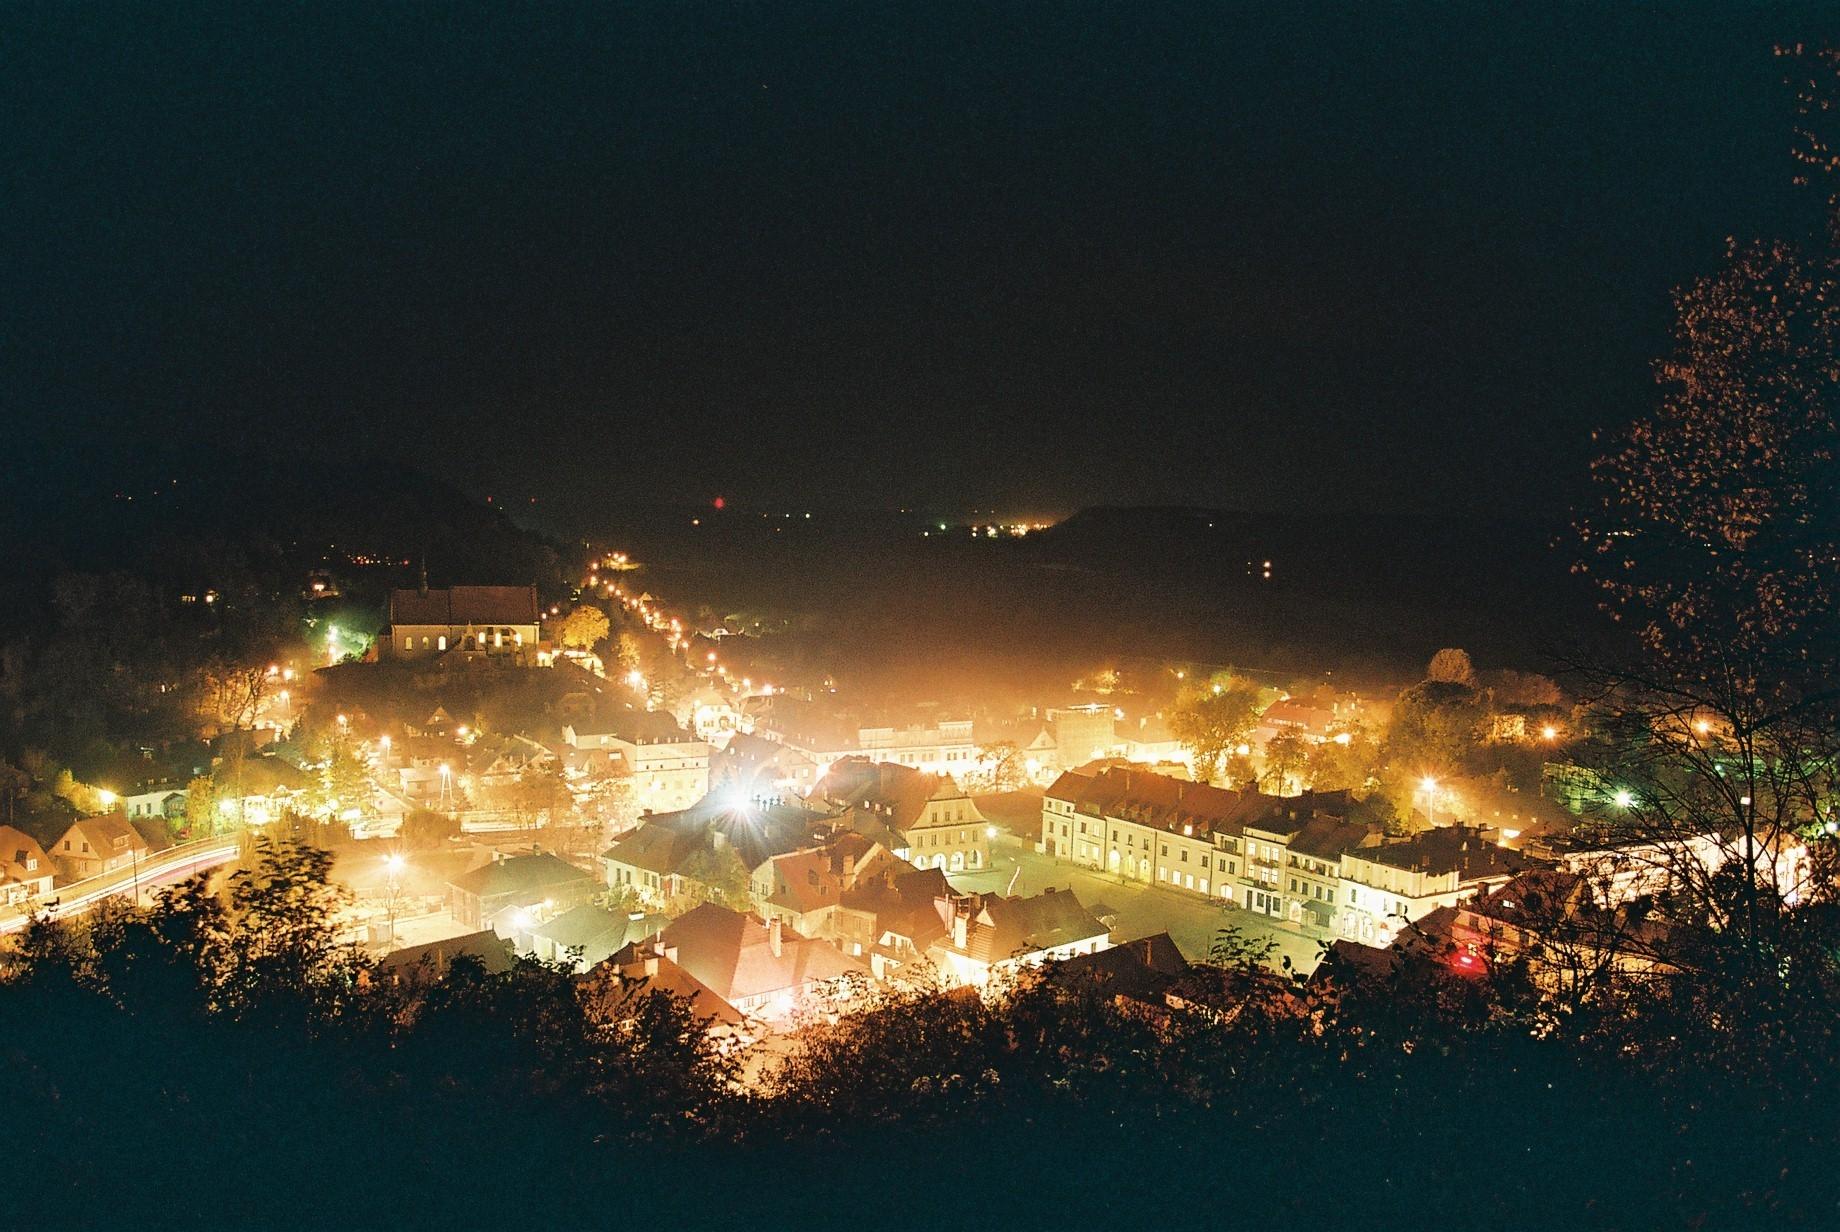 File:Kazimierz Dolny rynek noca.jpg - Wikimedia Commons